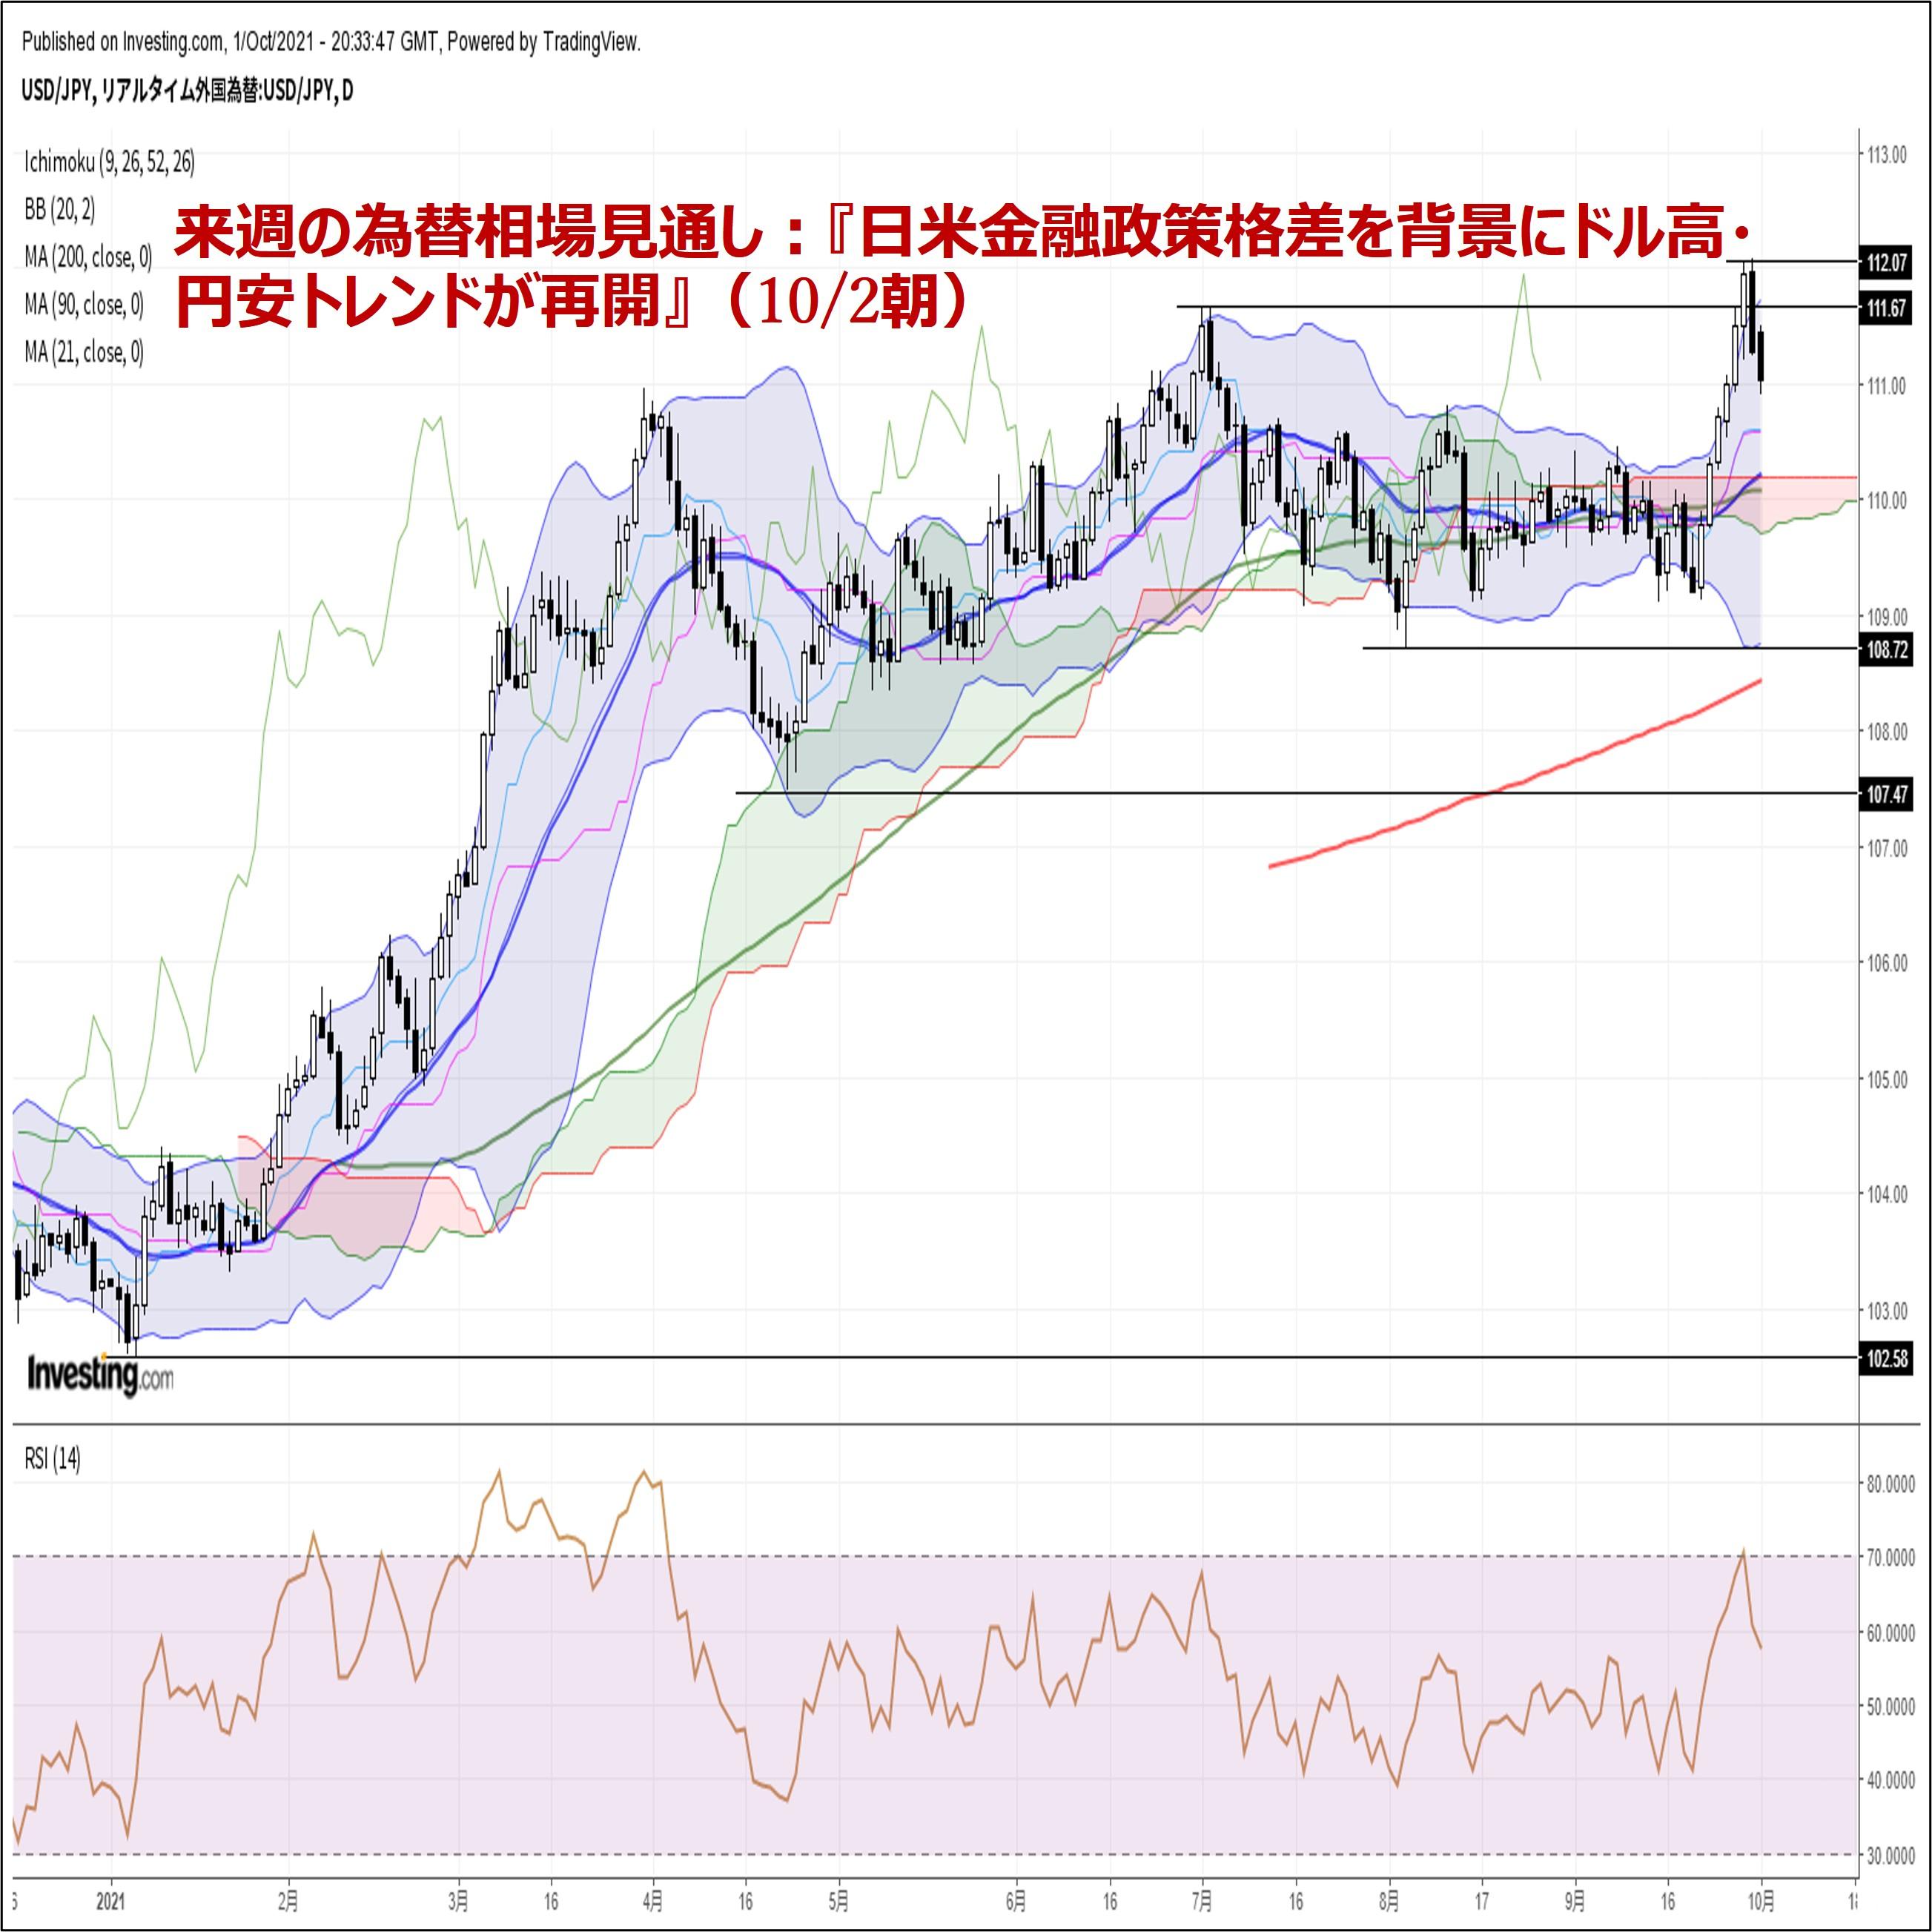 来週の為替相場見通し:『日米金融政策格差を背景にドル高・円安トレンドが再開』(10/2朝)